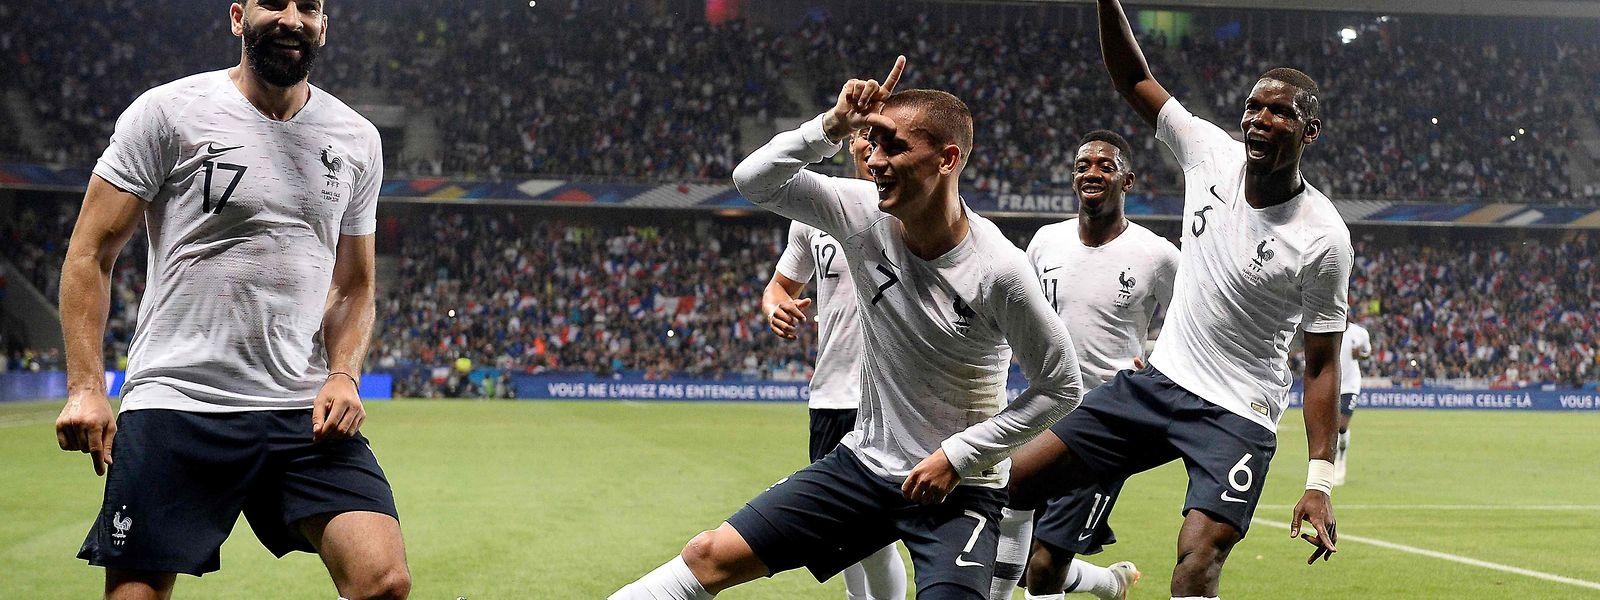 A seleção francesa é apontada como uma das principais favoritas ao título.